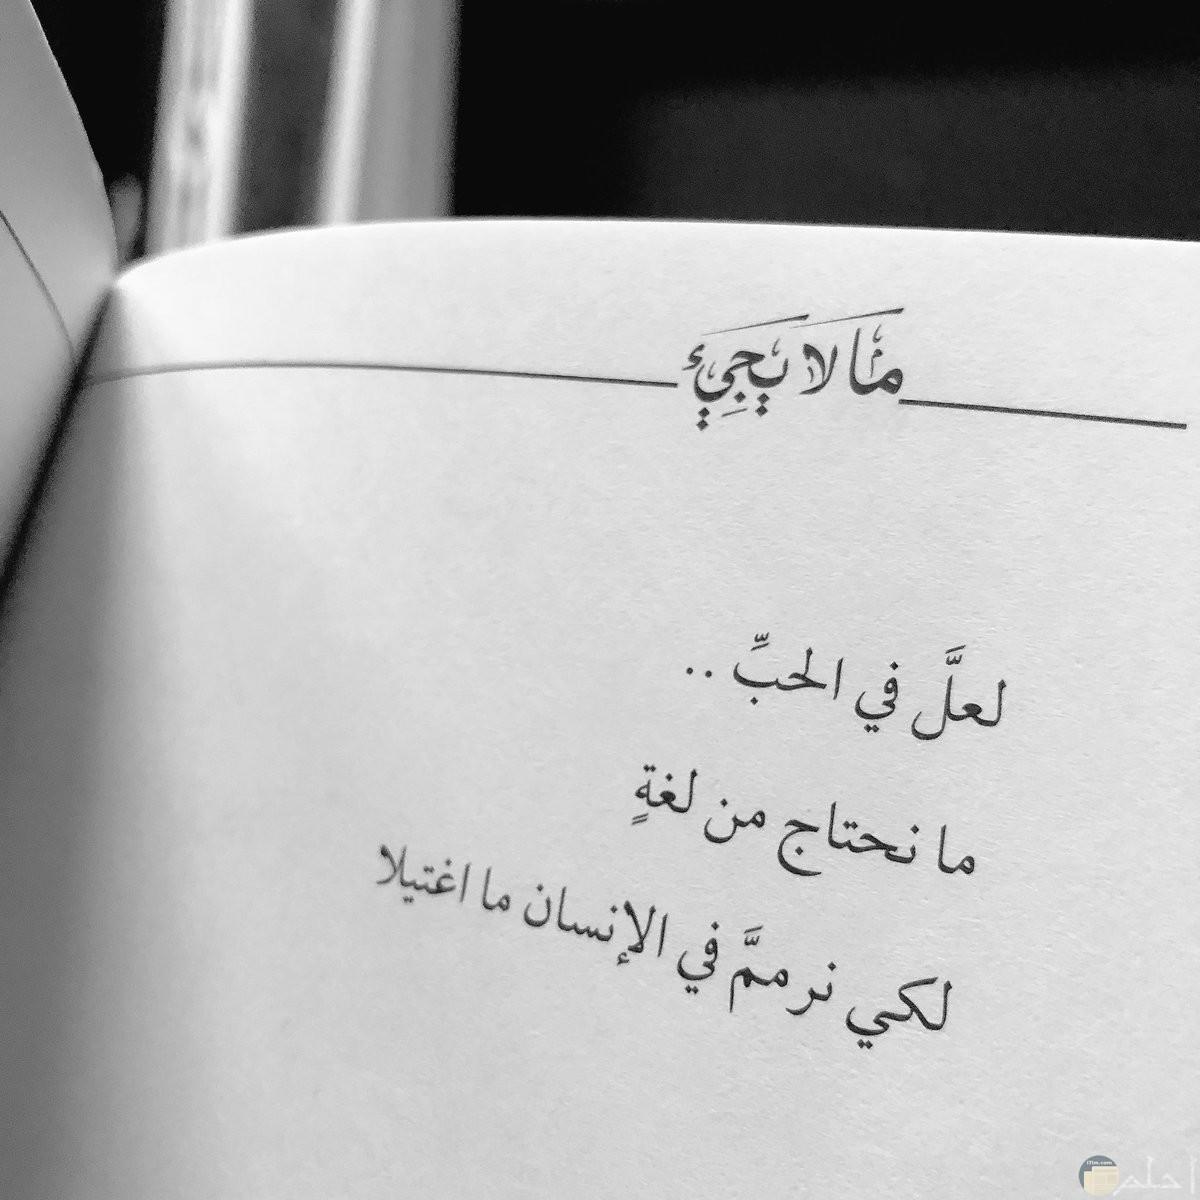 صورة حب رومانسية جميلة مكتوبة علي صفحة كتاب